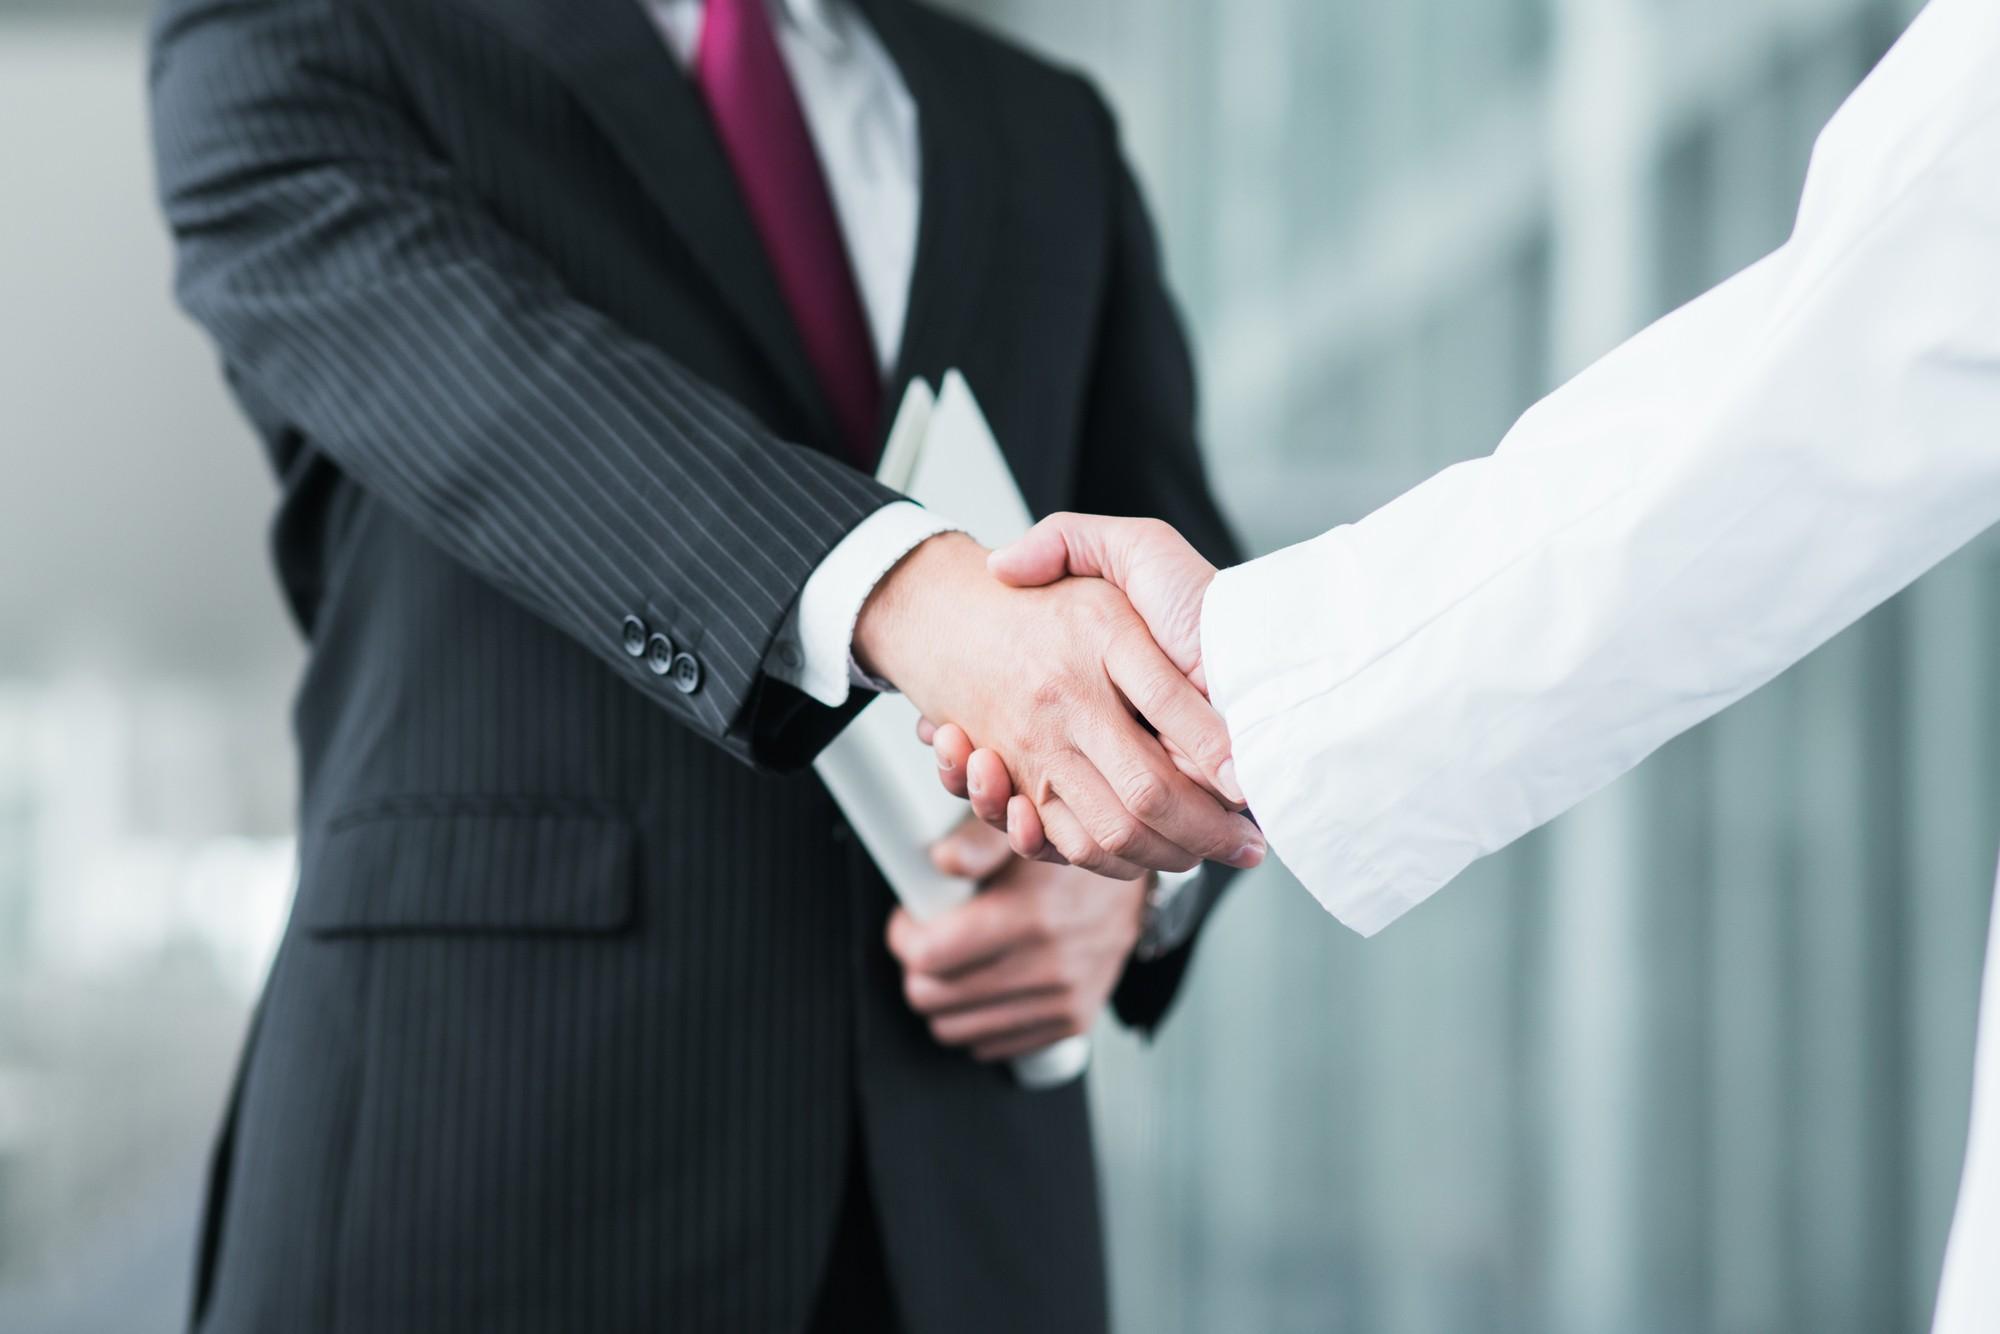 企業と顧問を繋げる。レイスマネジメントソリューションズ株式会社